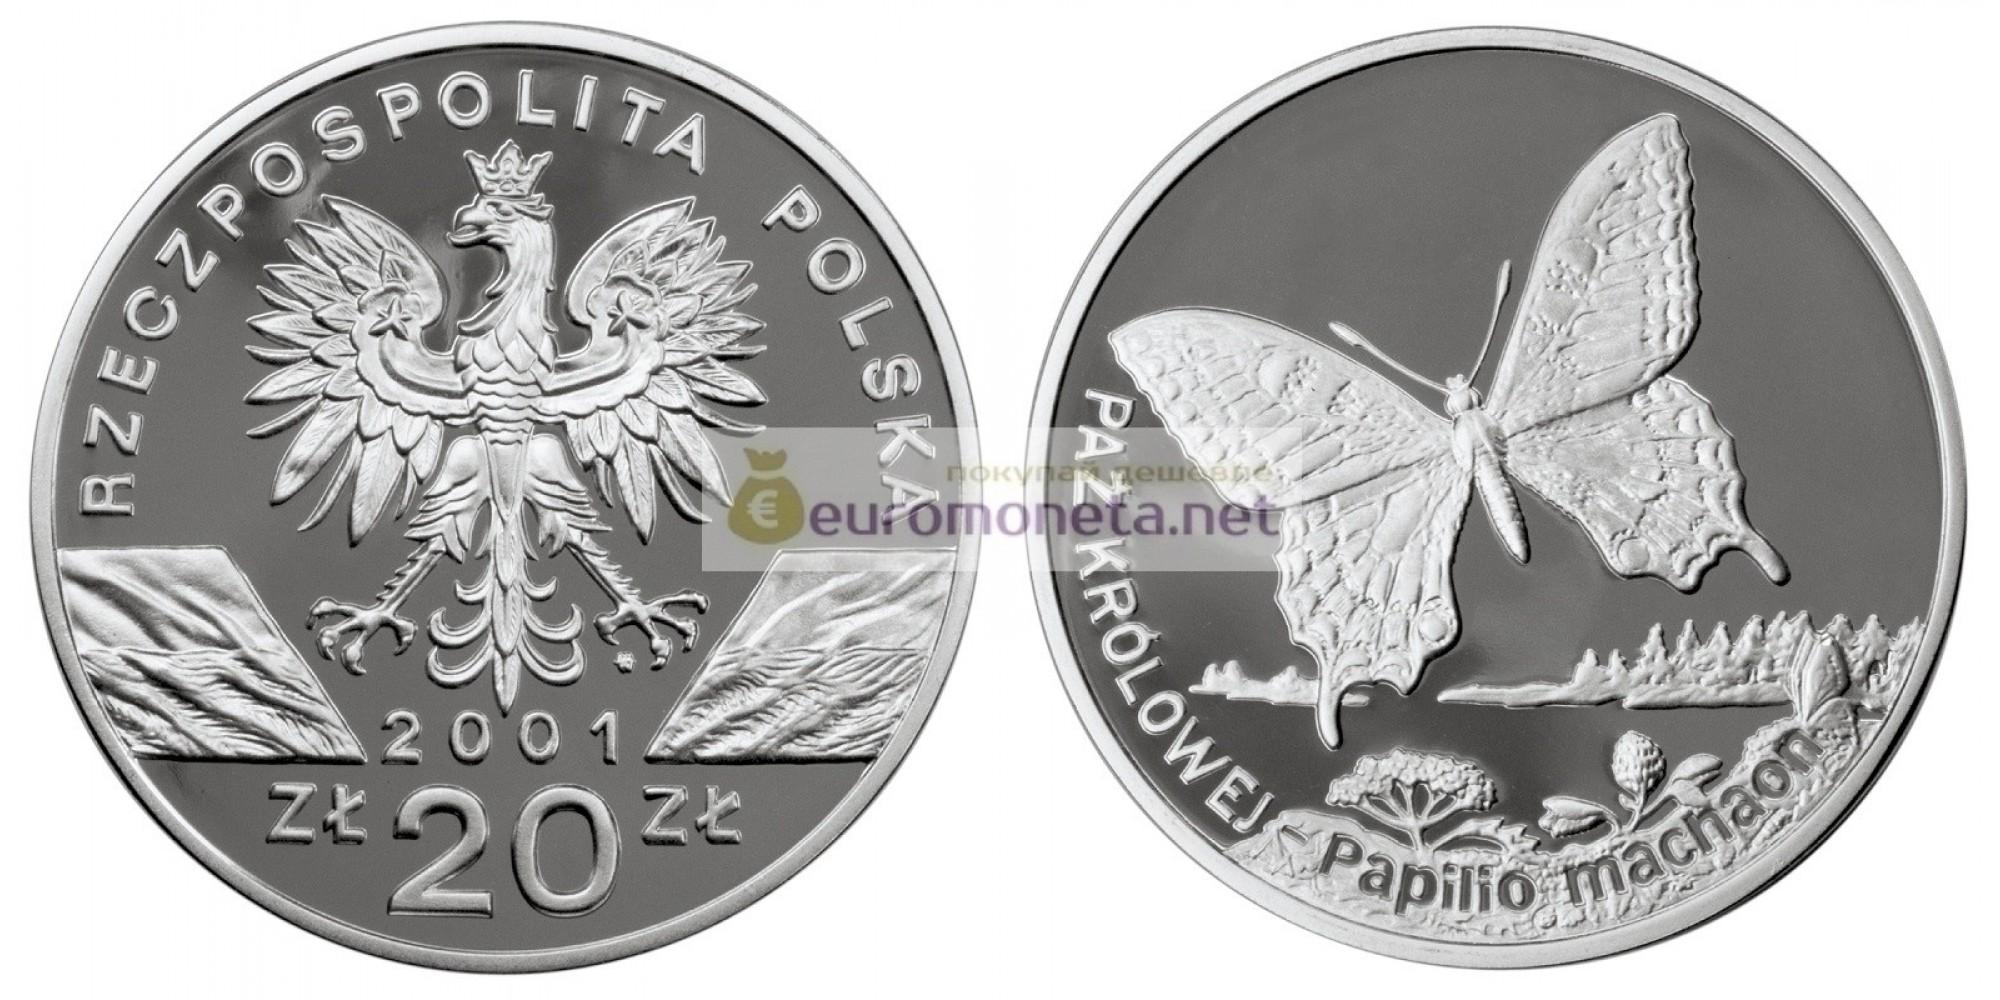 Польша 20 злотых 2001 год Животные мира: Махаон серебро пруф